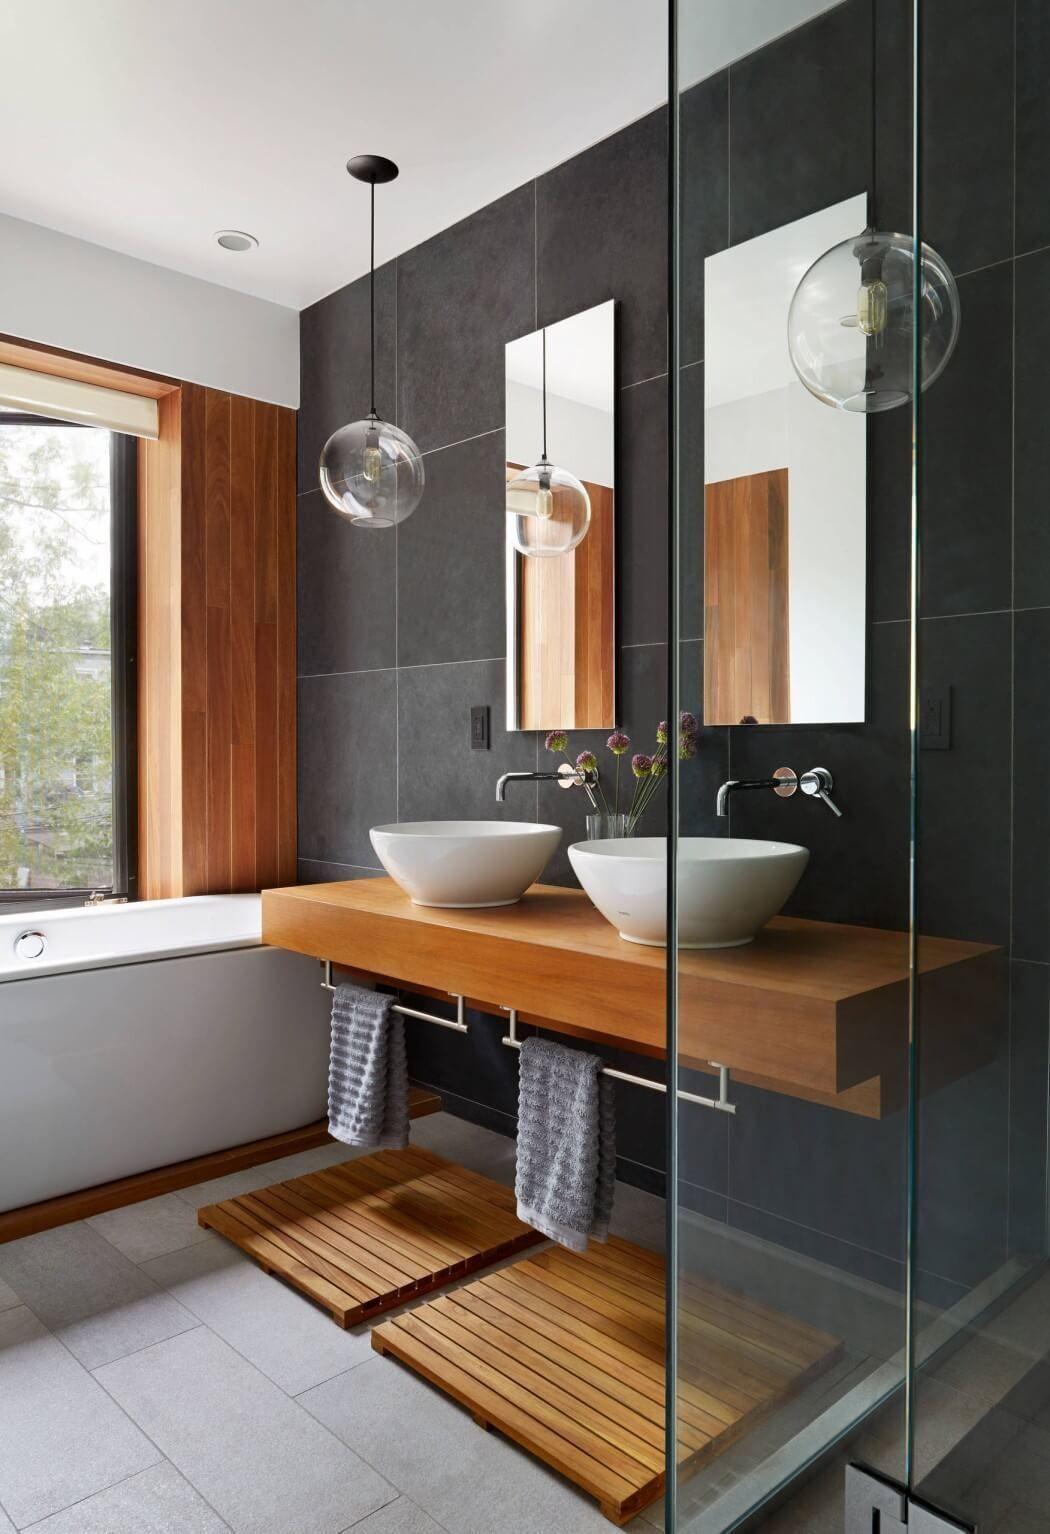 7 Badezimmer Grau Holz Badezimmer Mobel Mit Grau Keramik Ideen Und Eintagamse Badezimmer Eintagamse Grau Holz Ideen Keramik Minimalist Bathroom Design Modern Bathroom Design Contemporary Bathroom Designs